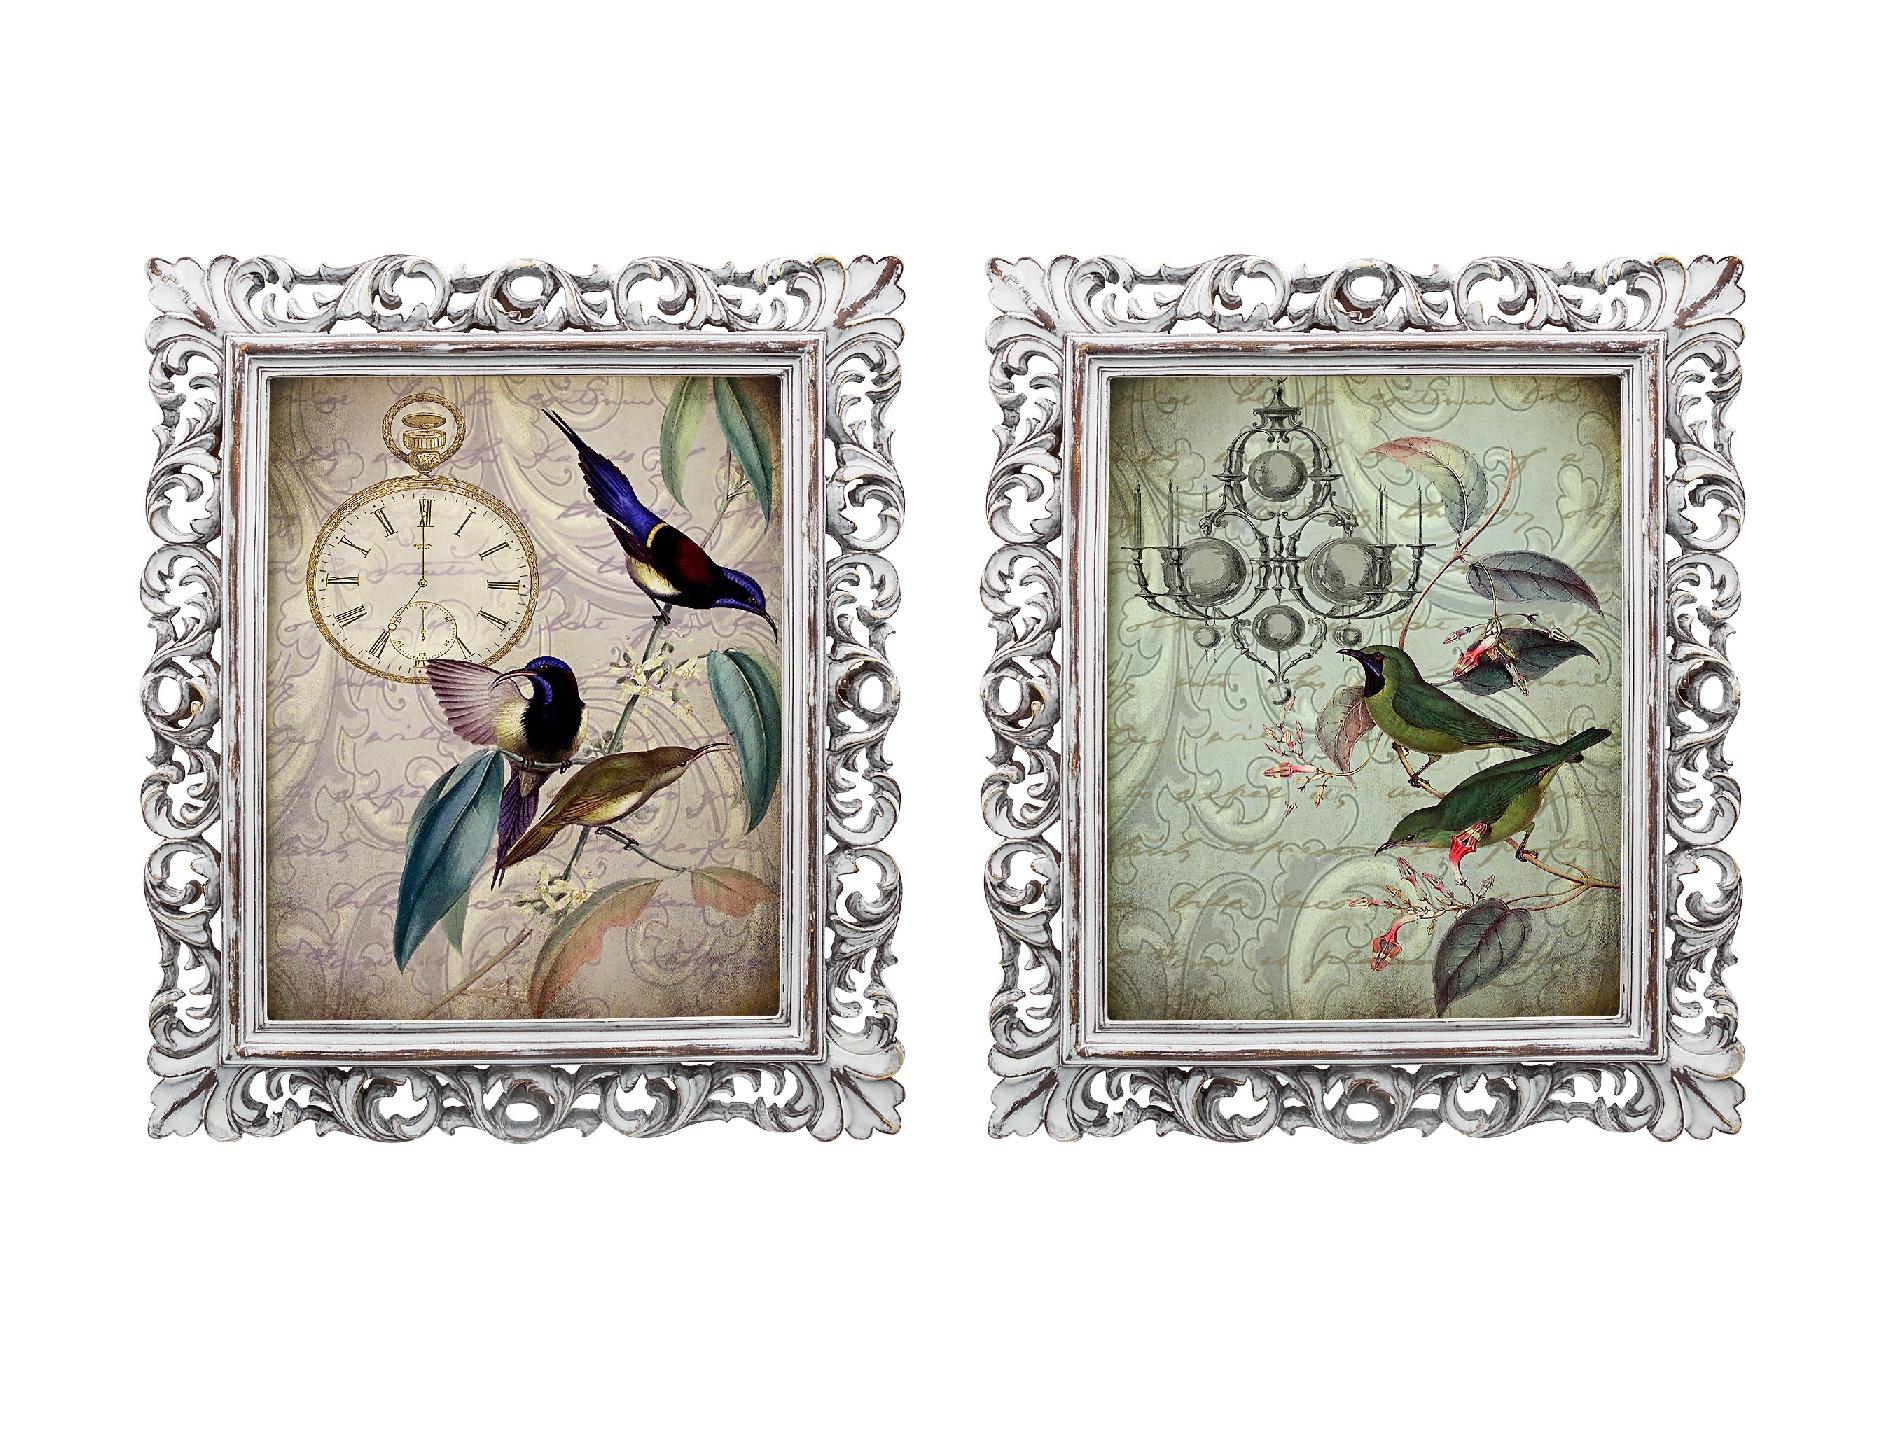 Набор из двух репродукций МадленКартины<br>Уникальные старинные изображения &amp;quot;Райские птицы&amp;quot; в окружении изящных рам создают особую романтическую атмосферу. Плавные линии витиеватых рам и мотивы гравюр завораживают и намекают на то, что путешествие во времени не так уж и сложно. Изображения райских птиц обрамлены ажурными рамами, искусная техника состаривания придает изделию особую теплоту и загадочность. Благородная патина на поверхности рамы — интригующее приглашение к прогулке в мир старинных реликвий! Изображение картины наполнено уникальными эмоциями и тайной, скрытой под кристально прозрачным стеклом. Картину можно повесить на стену, а можно поставить, например, на стол или камин. Защитный стеклянный слой гарантирует долгую жизнь прекрасному изображению. А если Вам захочется обновить интерьер, Вы можете с легкостью заменить изображение картины!&amp;lt;div&amp;gt;&amp;lt;br&amp;gt;&amp;lt;/div&amp;gt;<br><br>Material: Бумага<br>Width см: 28,8<br>Depth см: 2,3<br>Height см: 33,8